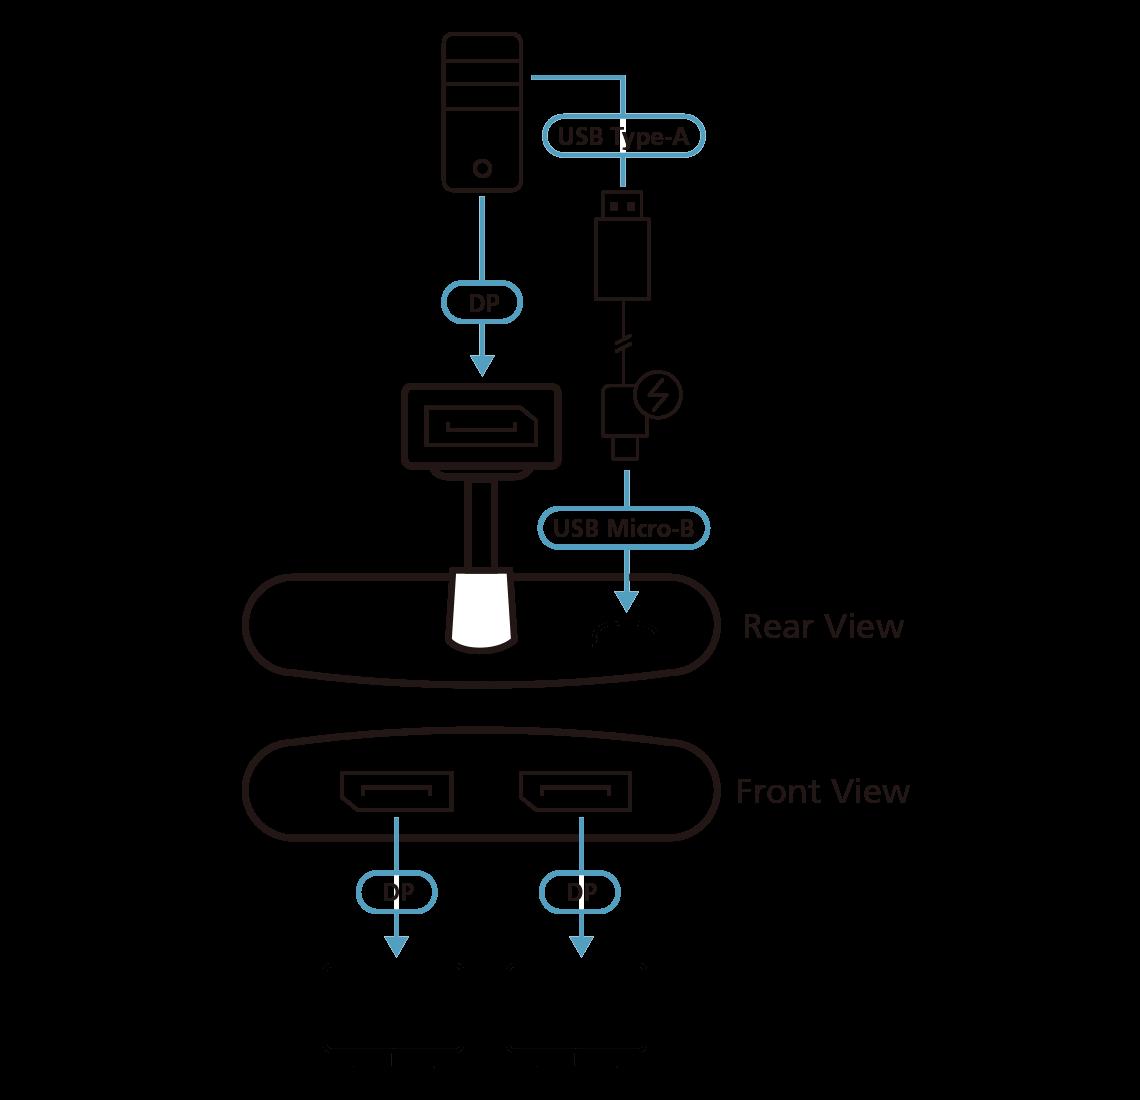 VS92DP Diagram